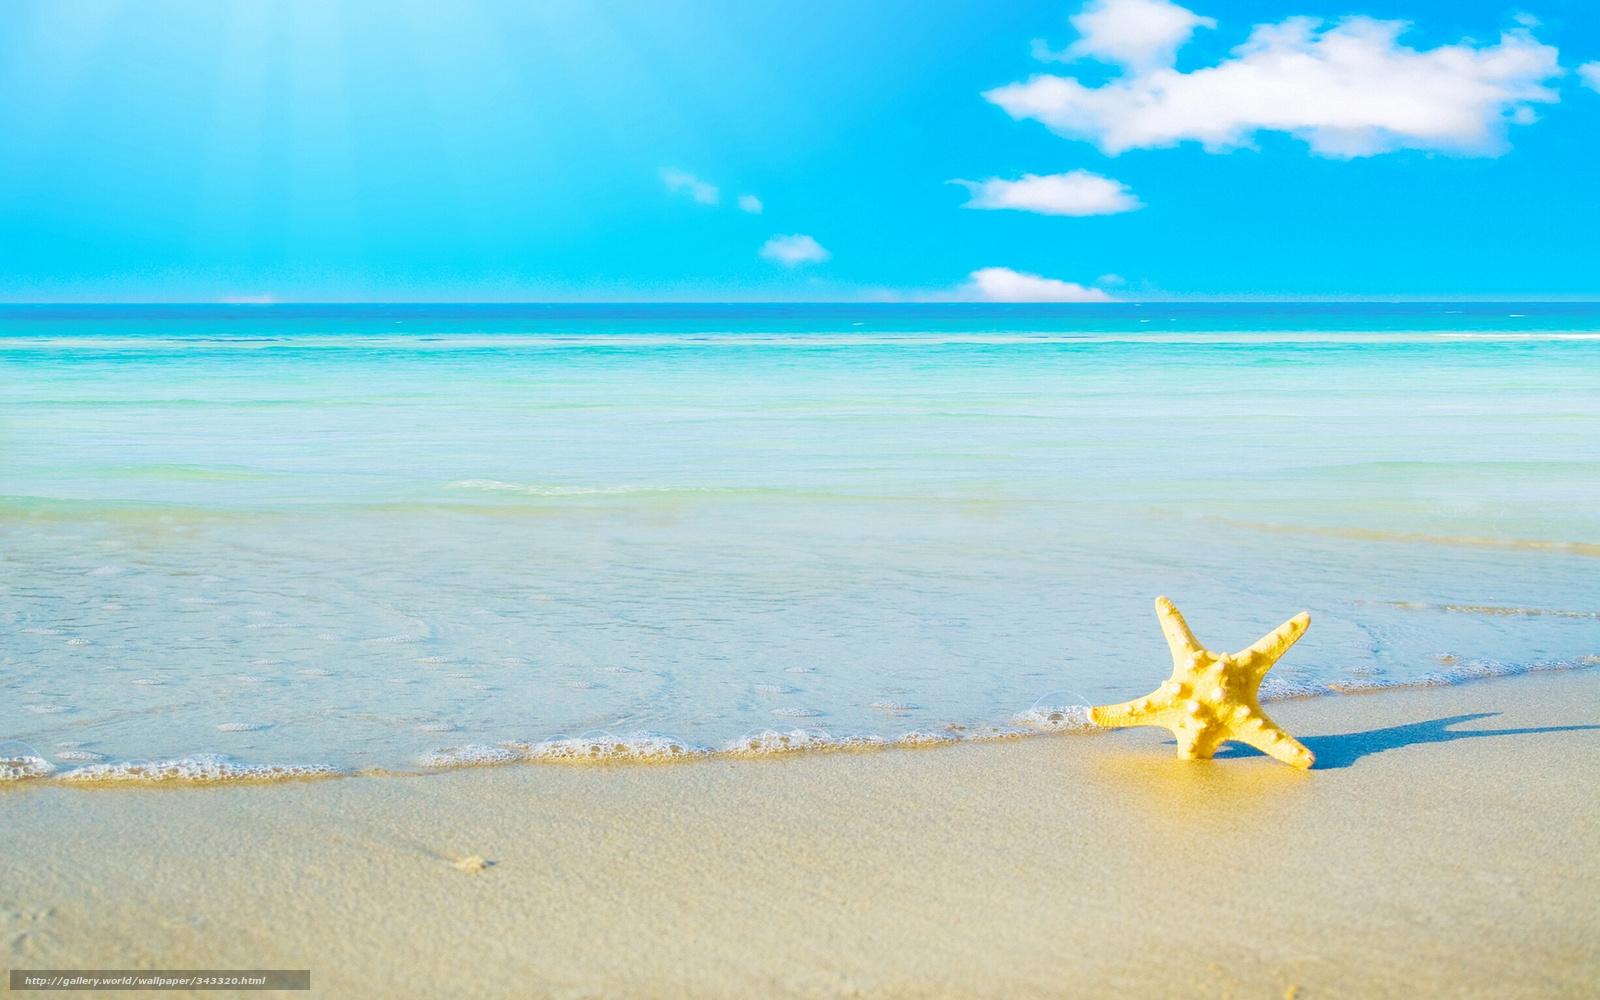 Scaricare Gli Sfondi Mare Oceano Costa Sabbia Sfondi Gratis Per